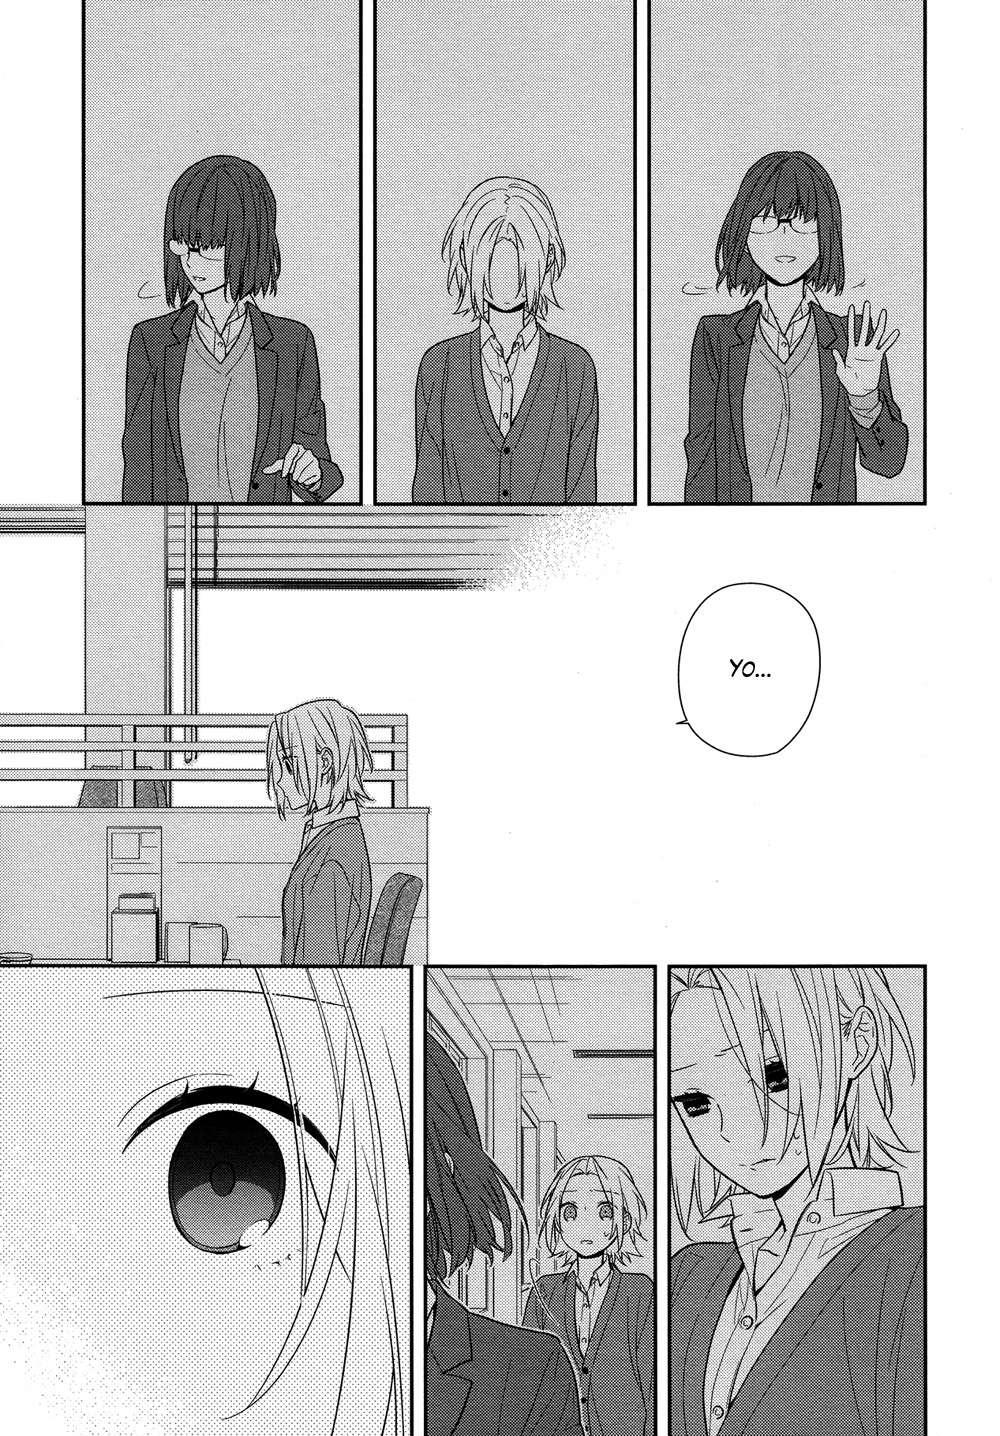 http://c5.ninemanga.com/es_manga/19/1043/434711/4de1ed74128a96a8b5900186486aacba.jpg Page 12